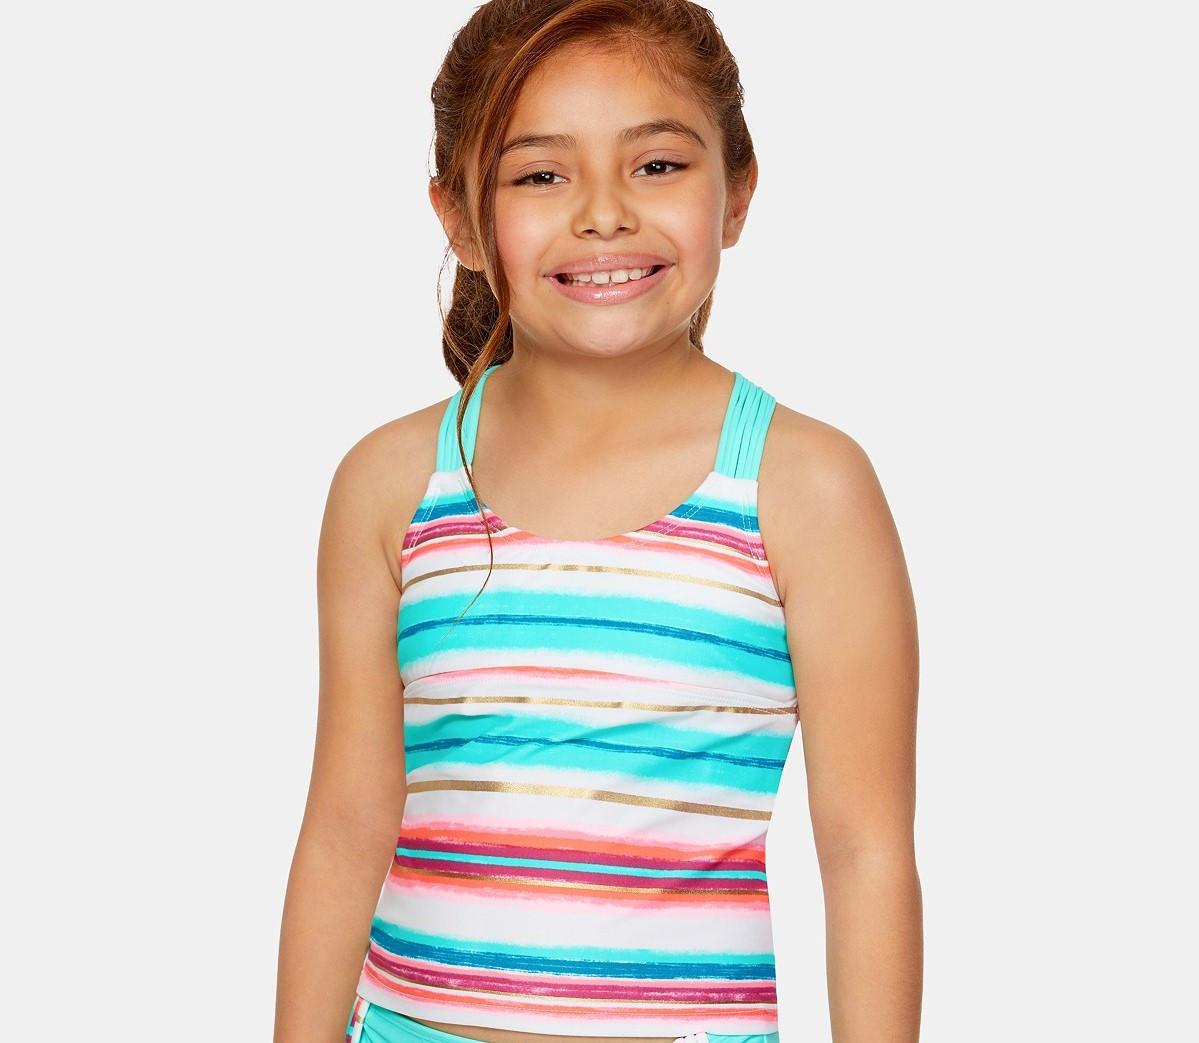 Summer Crush Детский топ для девочек 2000000406381